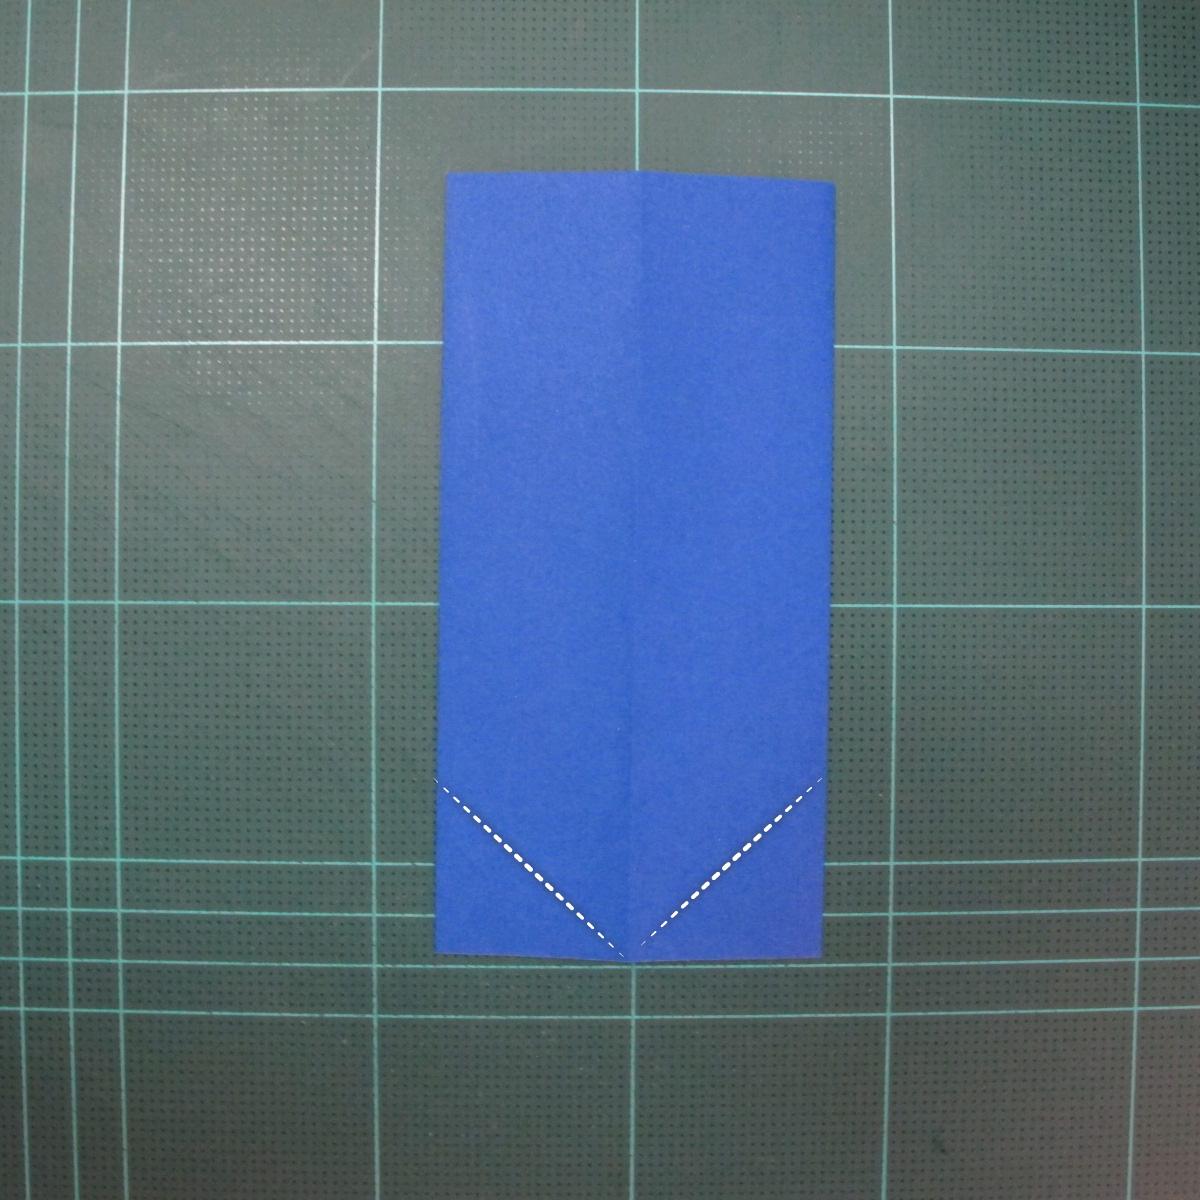 วิธีการพับกระดาษเป็นรูปกระต่าย แบบของเอ็ดวิน คอรี่ (Origami Rabbit)  003